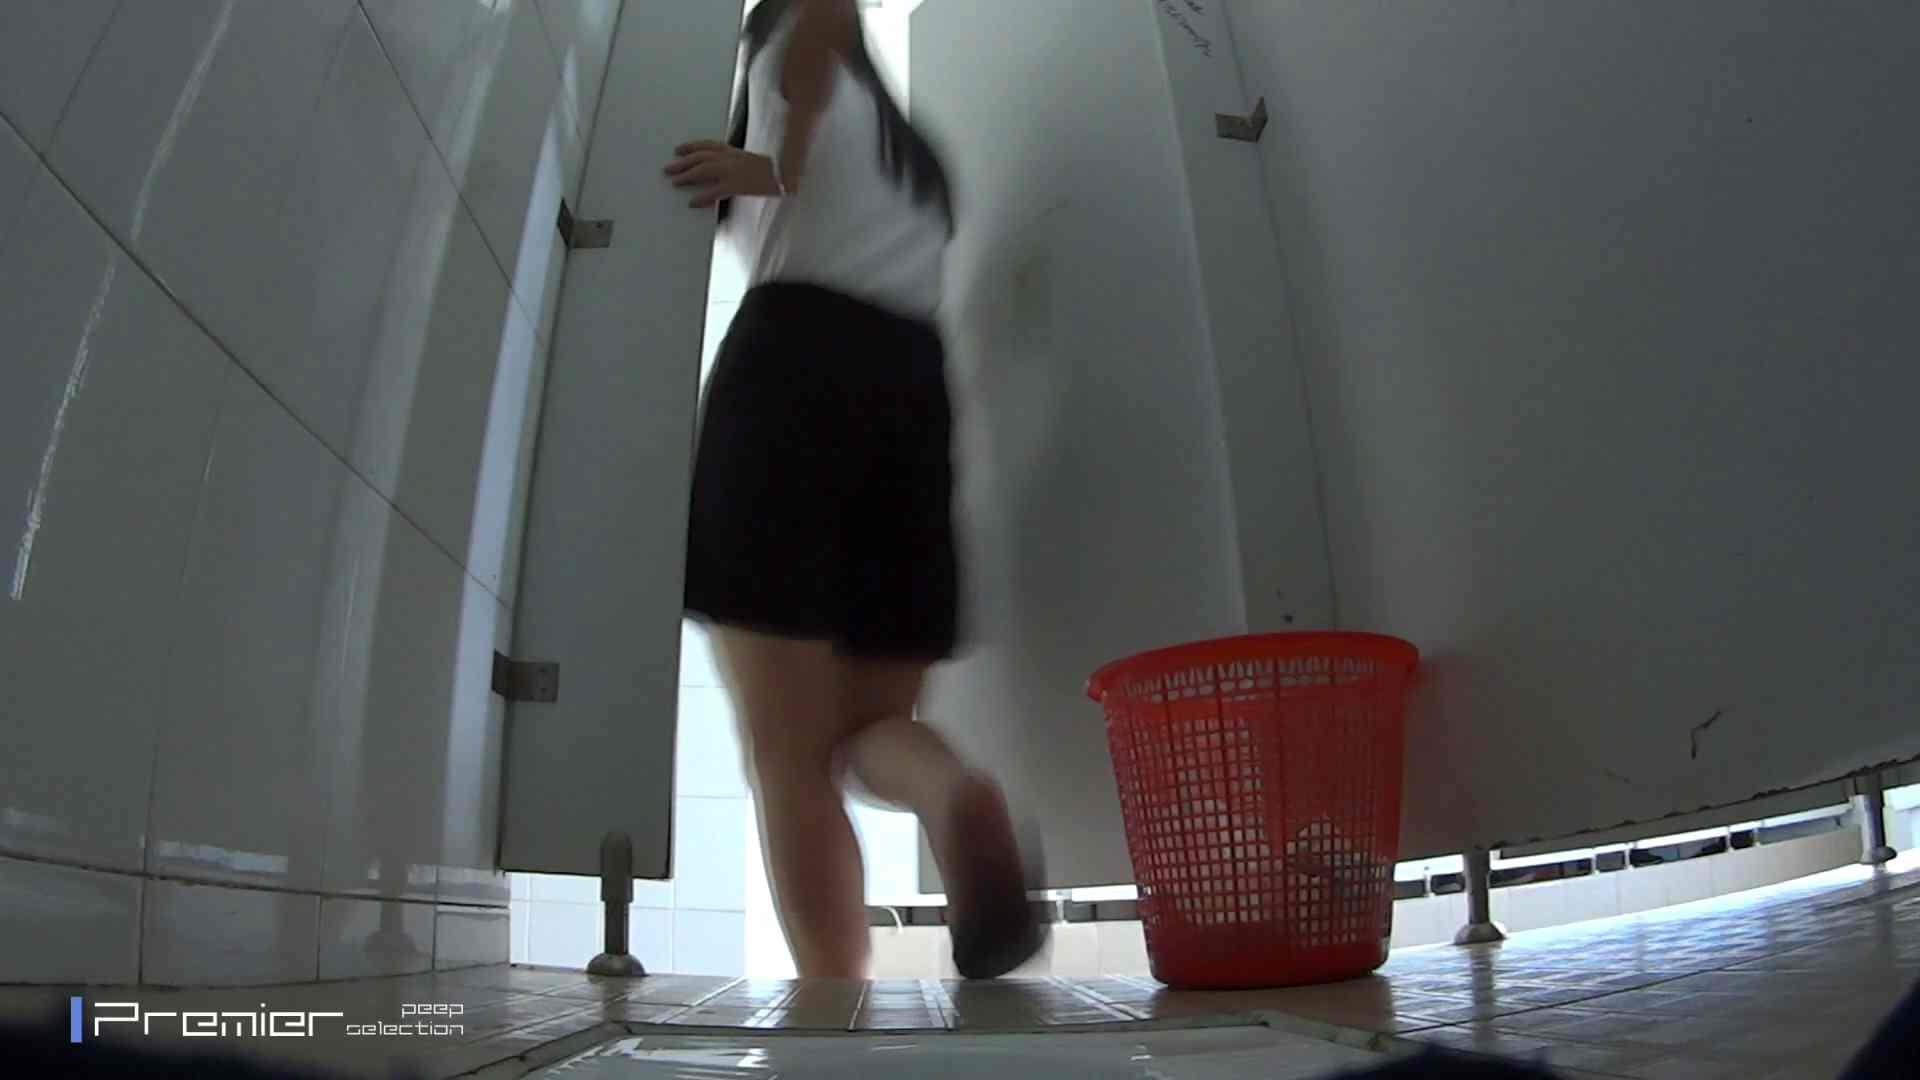 アジアンビューティー達の聖水 大学休憩時間の洗面所事情24 美女のボディ | お姉さんのボディ  67PIX 53